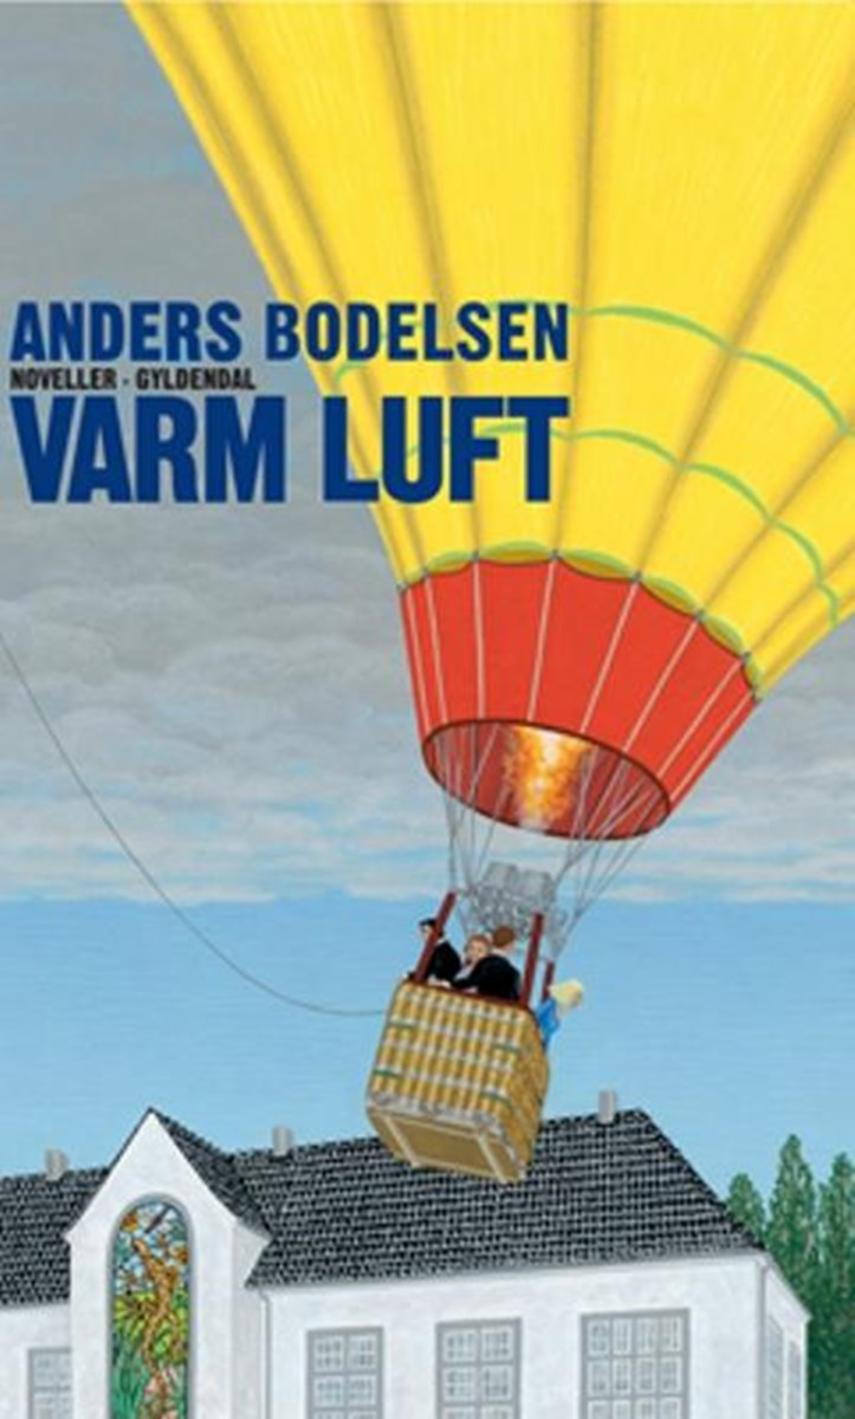 Anders Bodelsen: Varm luft